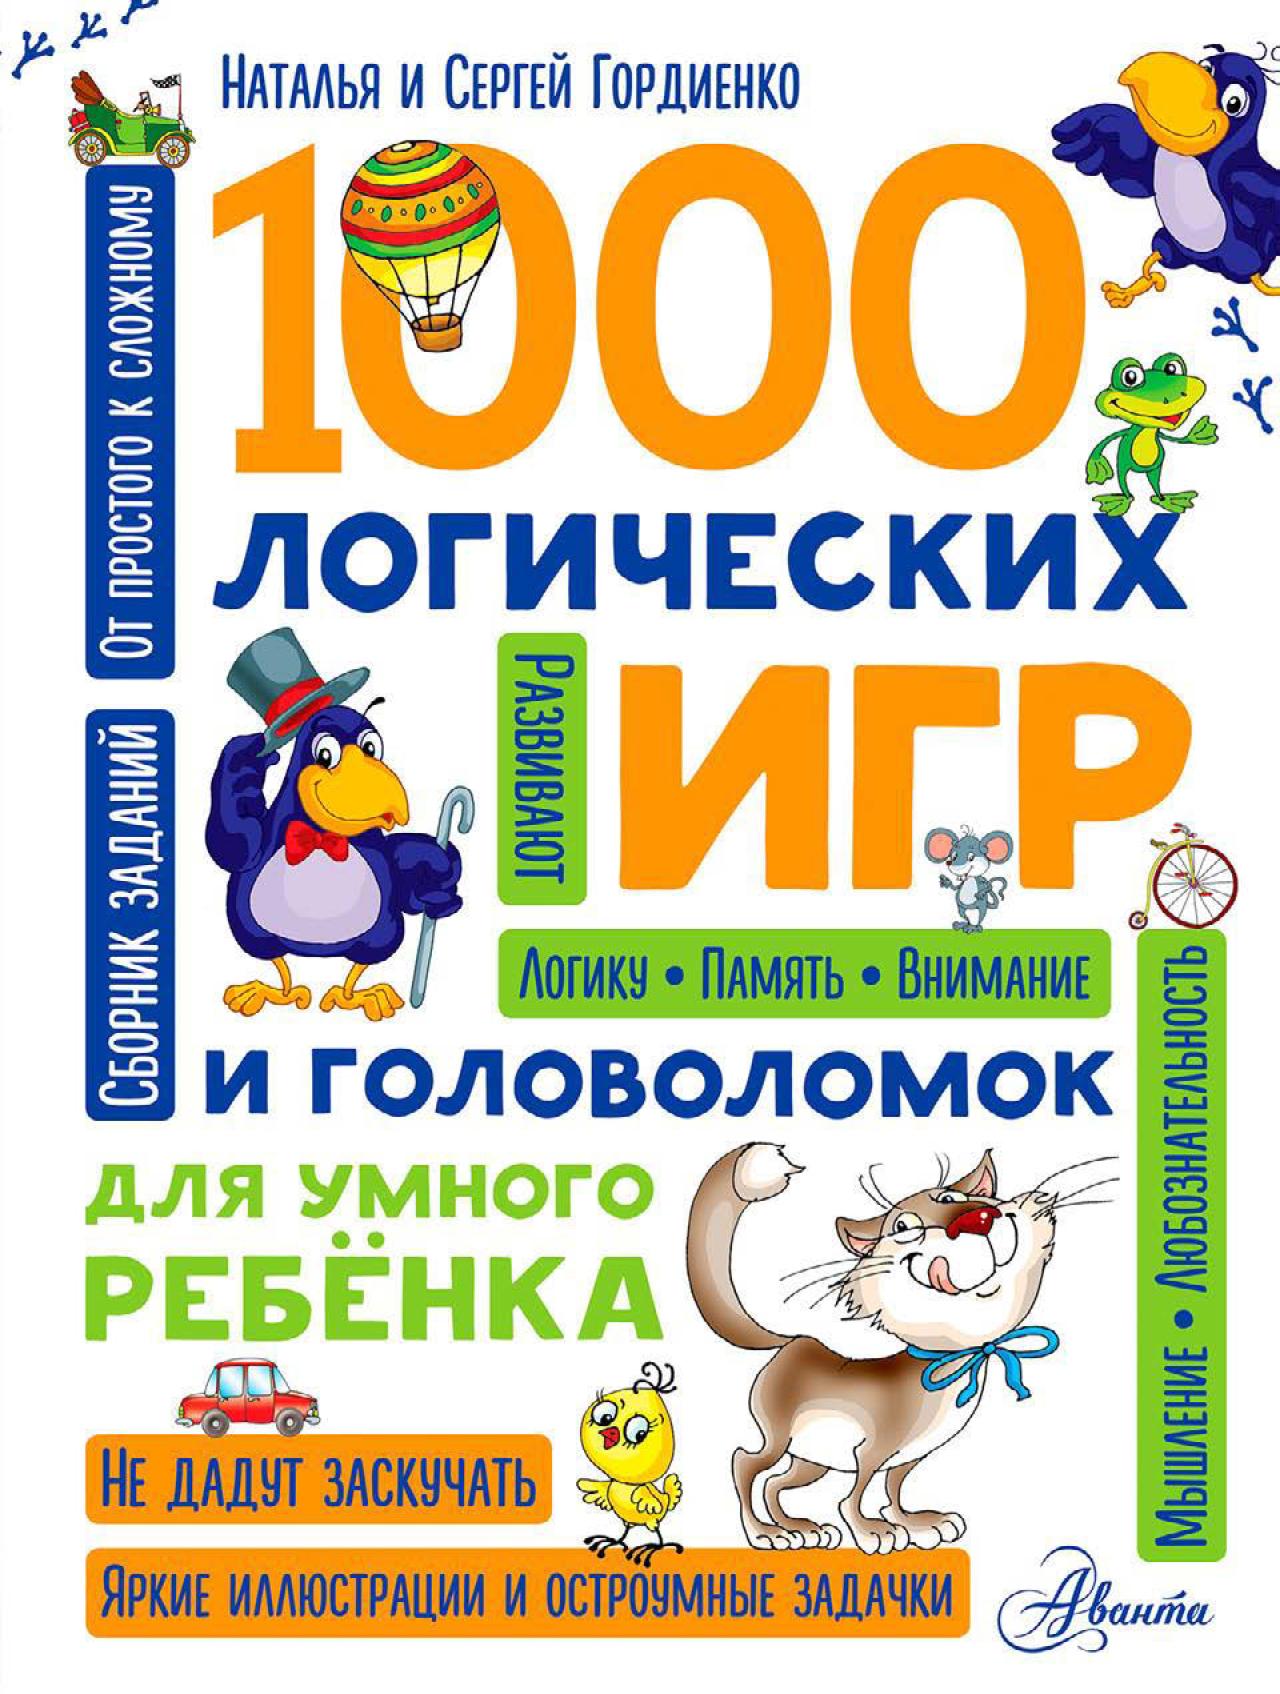 Сергей Гордиенко 1000 логических игр и головоломок для умного ребенка цена